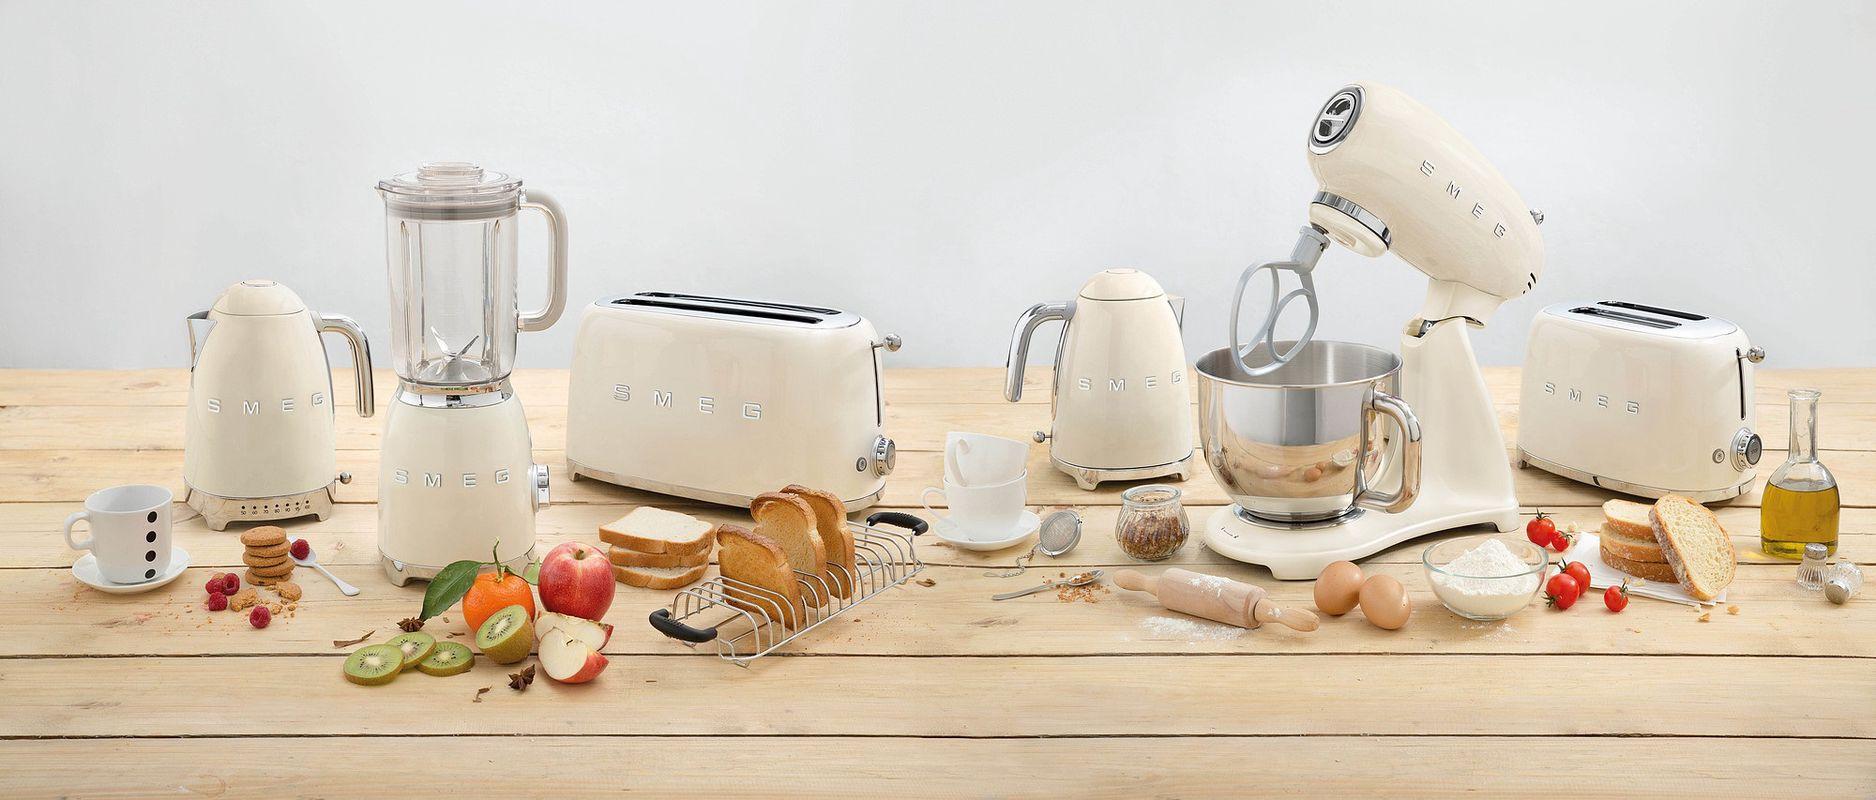 SMEG_keukenmachine_creme_sfeer